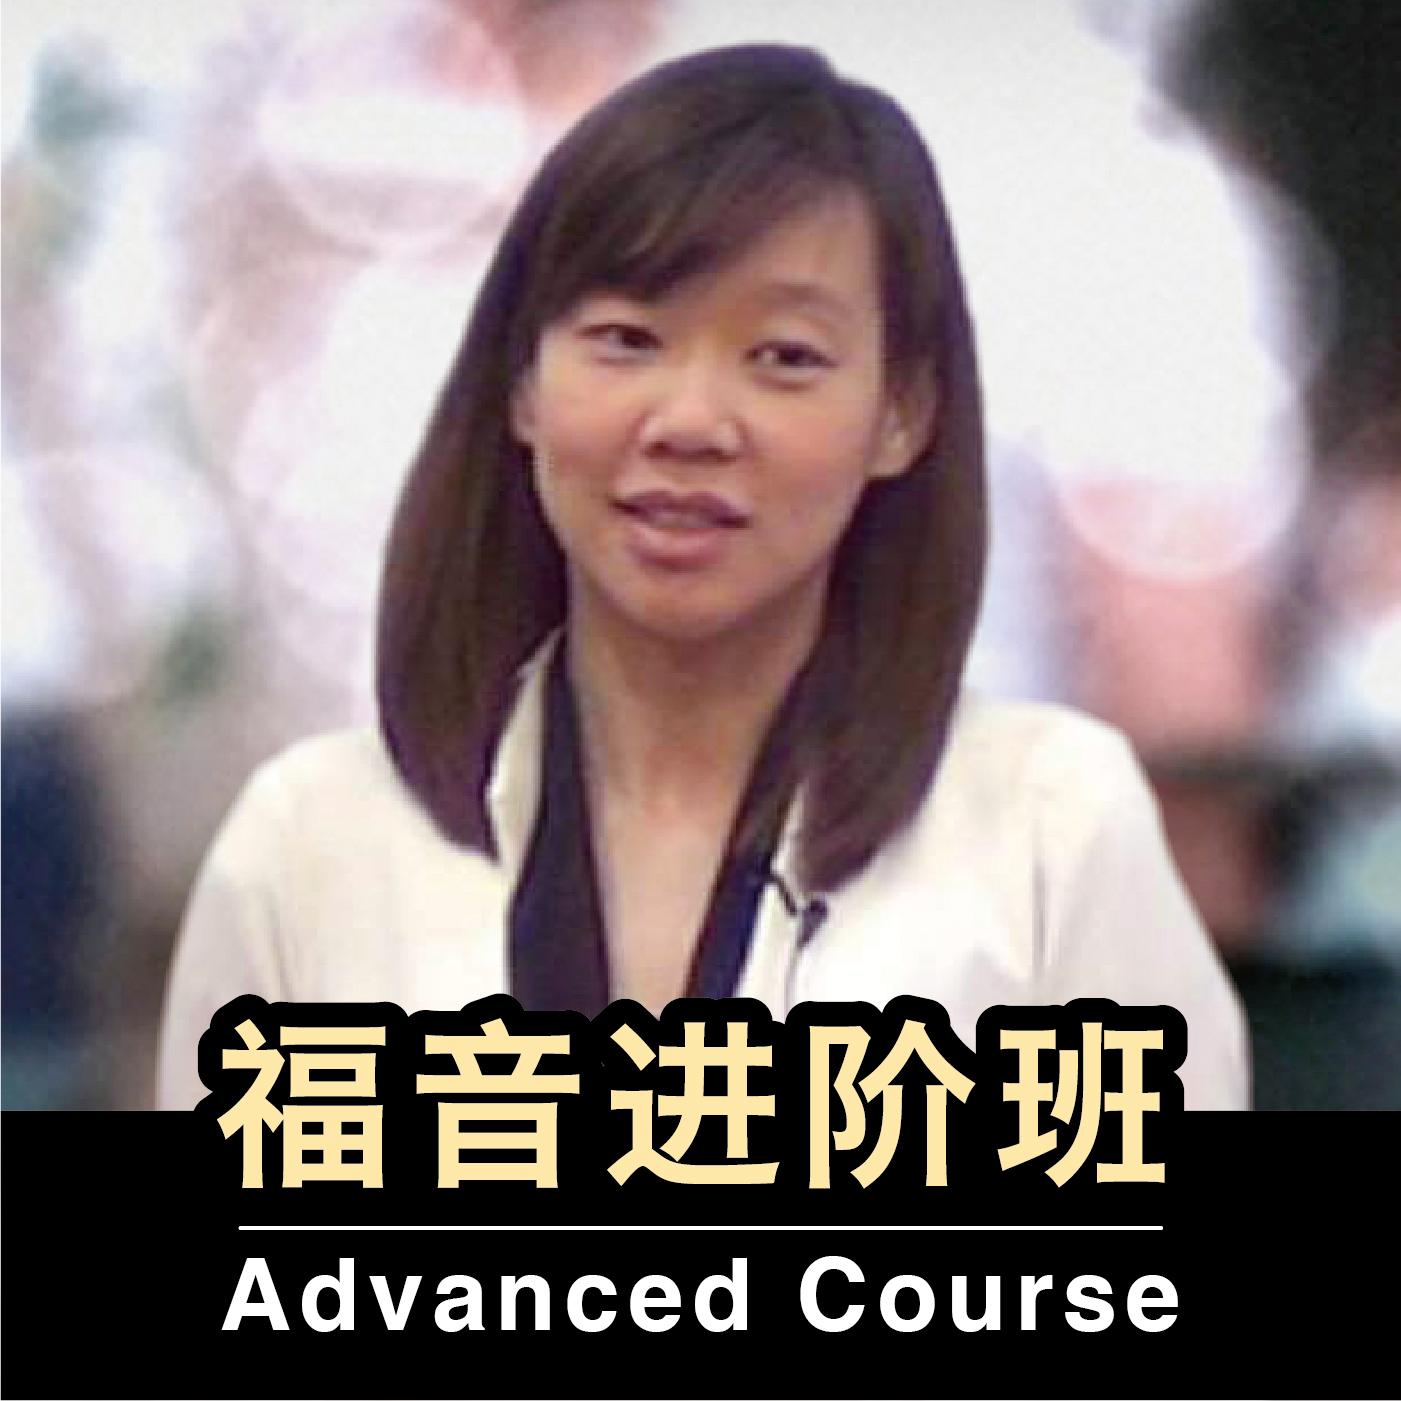 福音课程进阶班四讲(林慧君传道)[新加坡基督生命堂] 福音班讲道